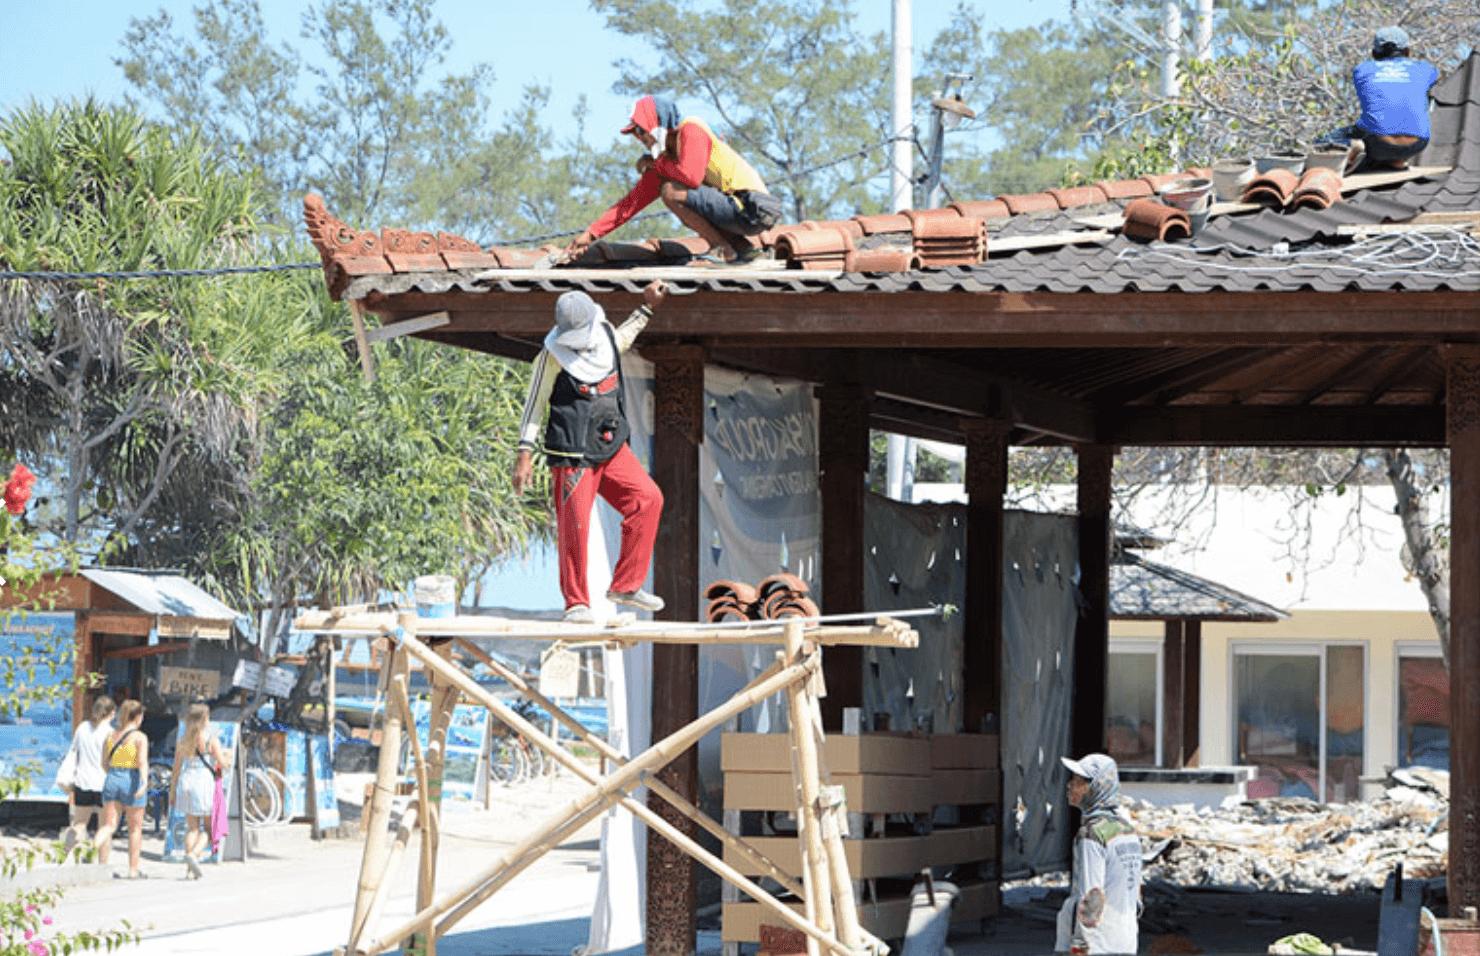 【ロンボク地震1年】地震に耐えたバンガロー 宿経営の服部さん ギリ島で再出発